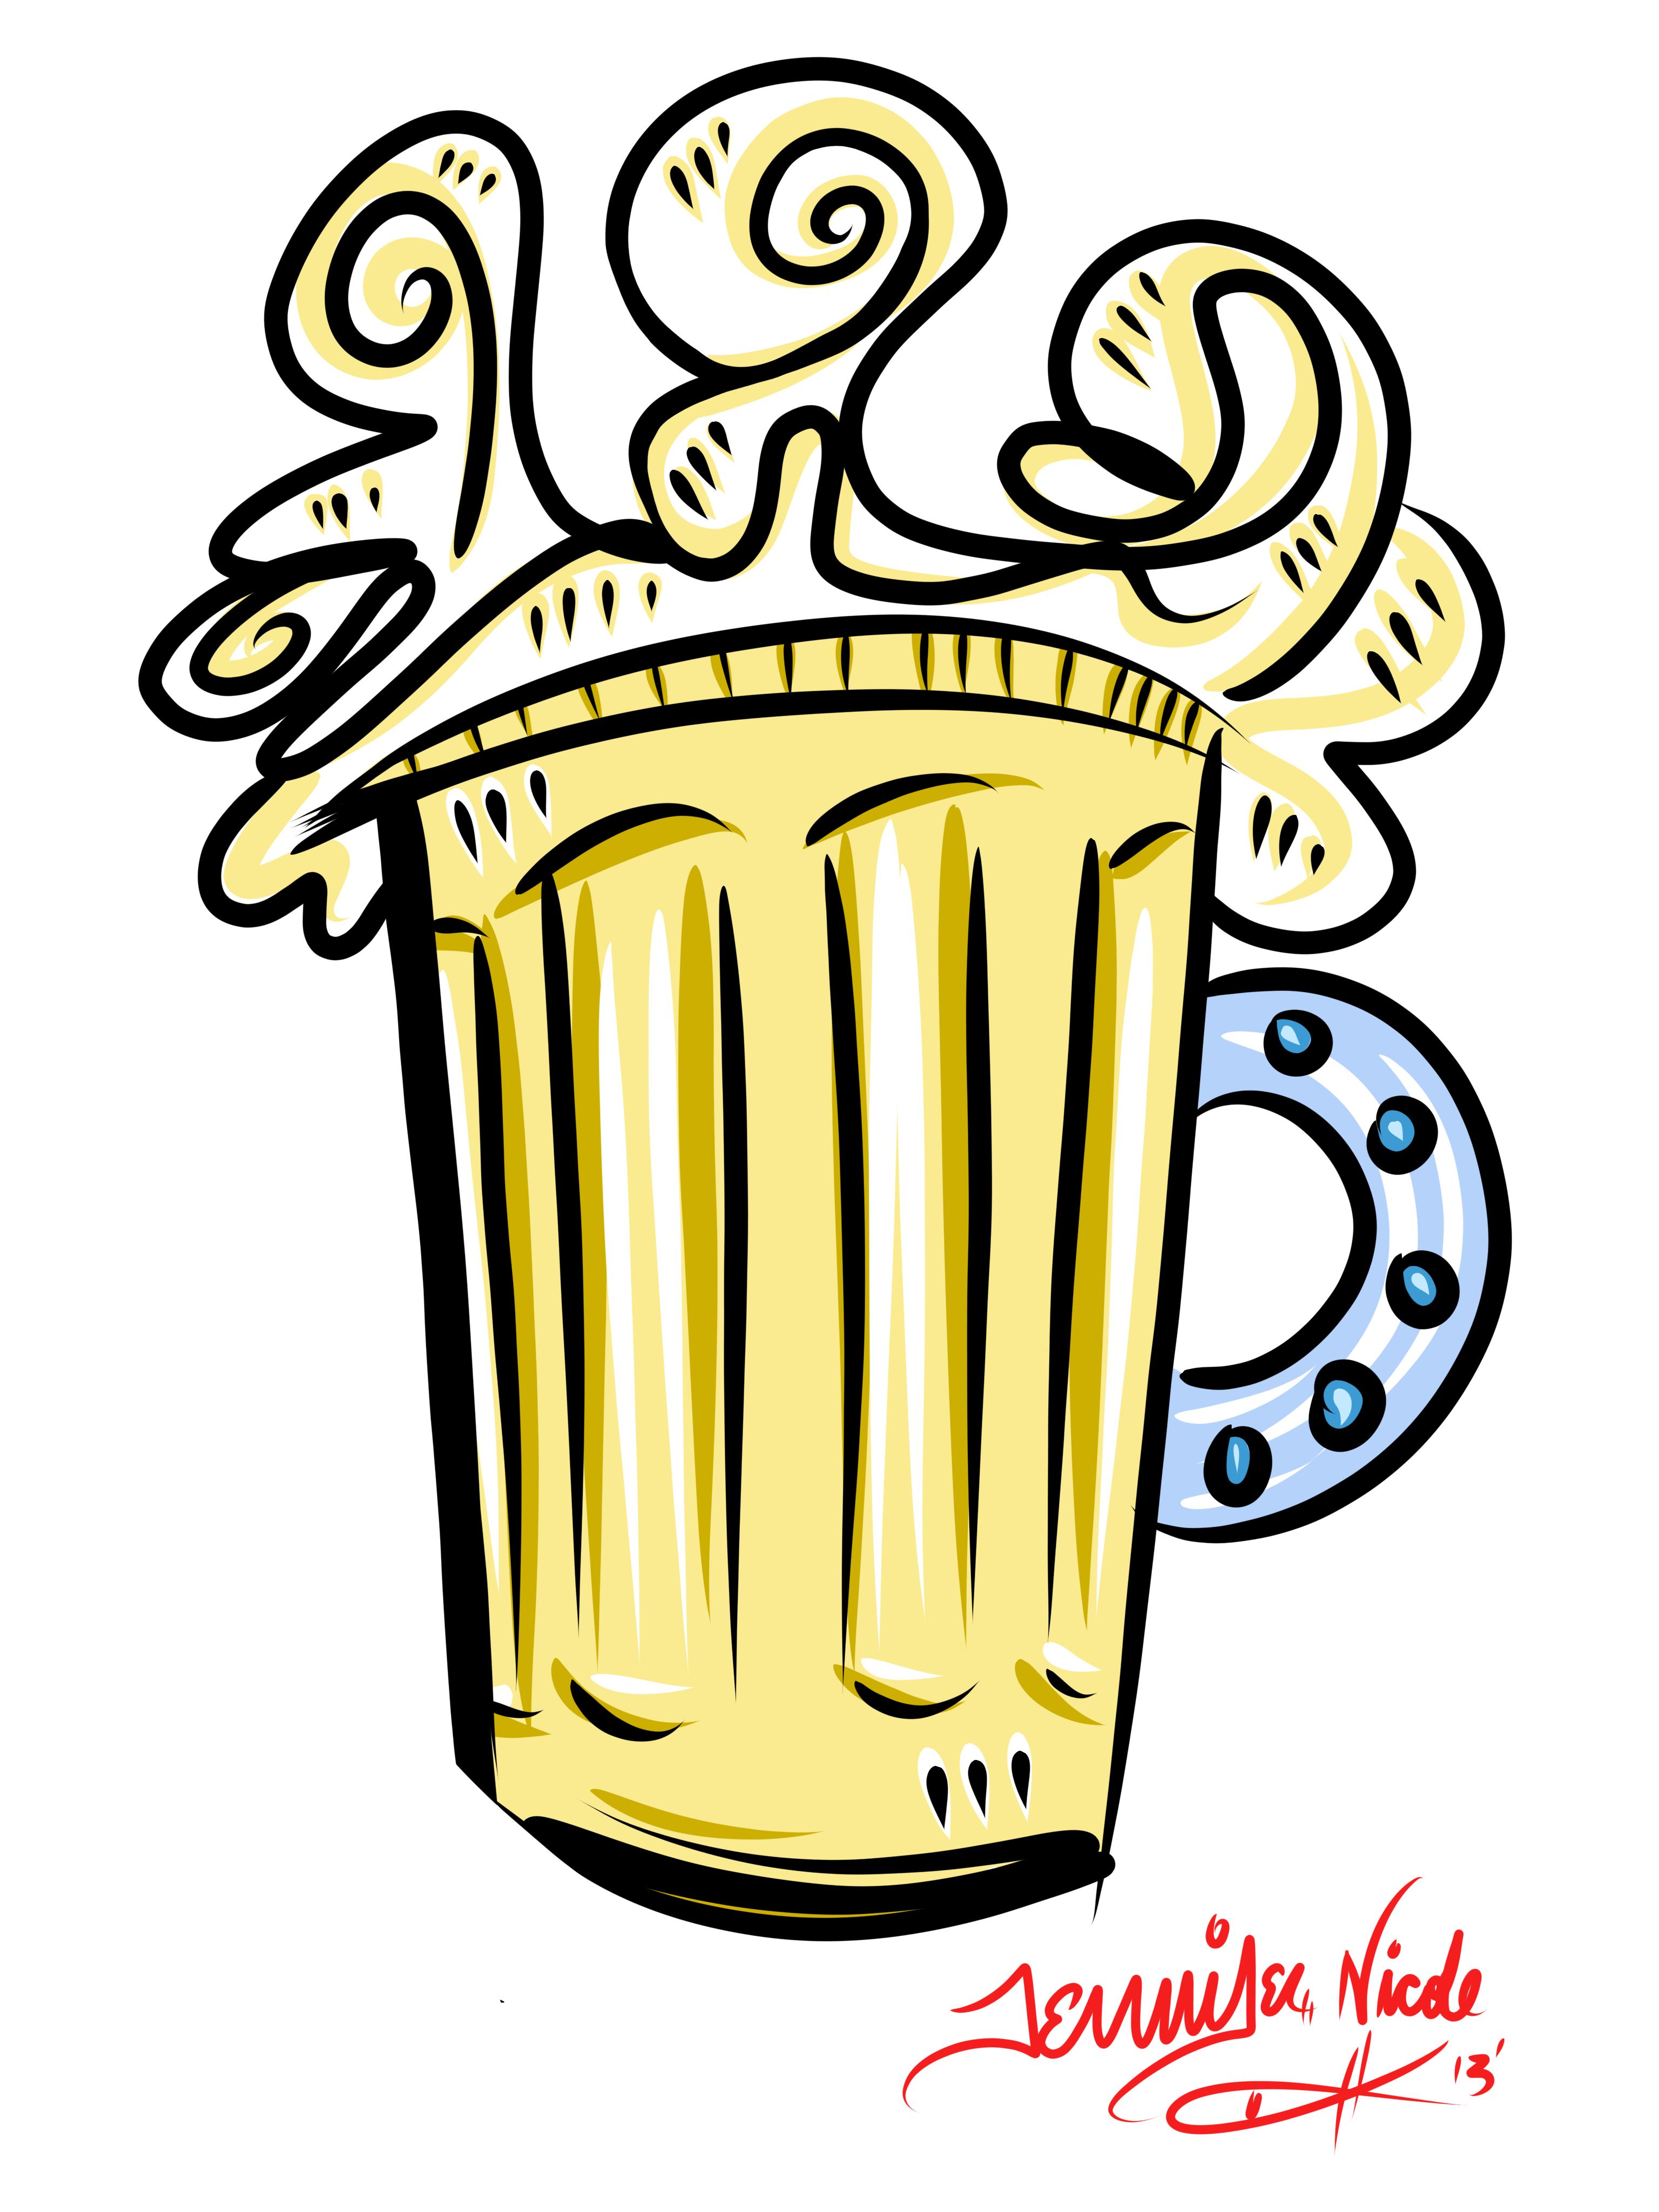 1-7-13 Beer